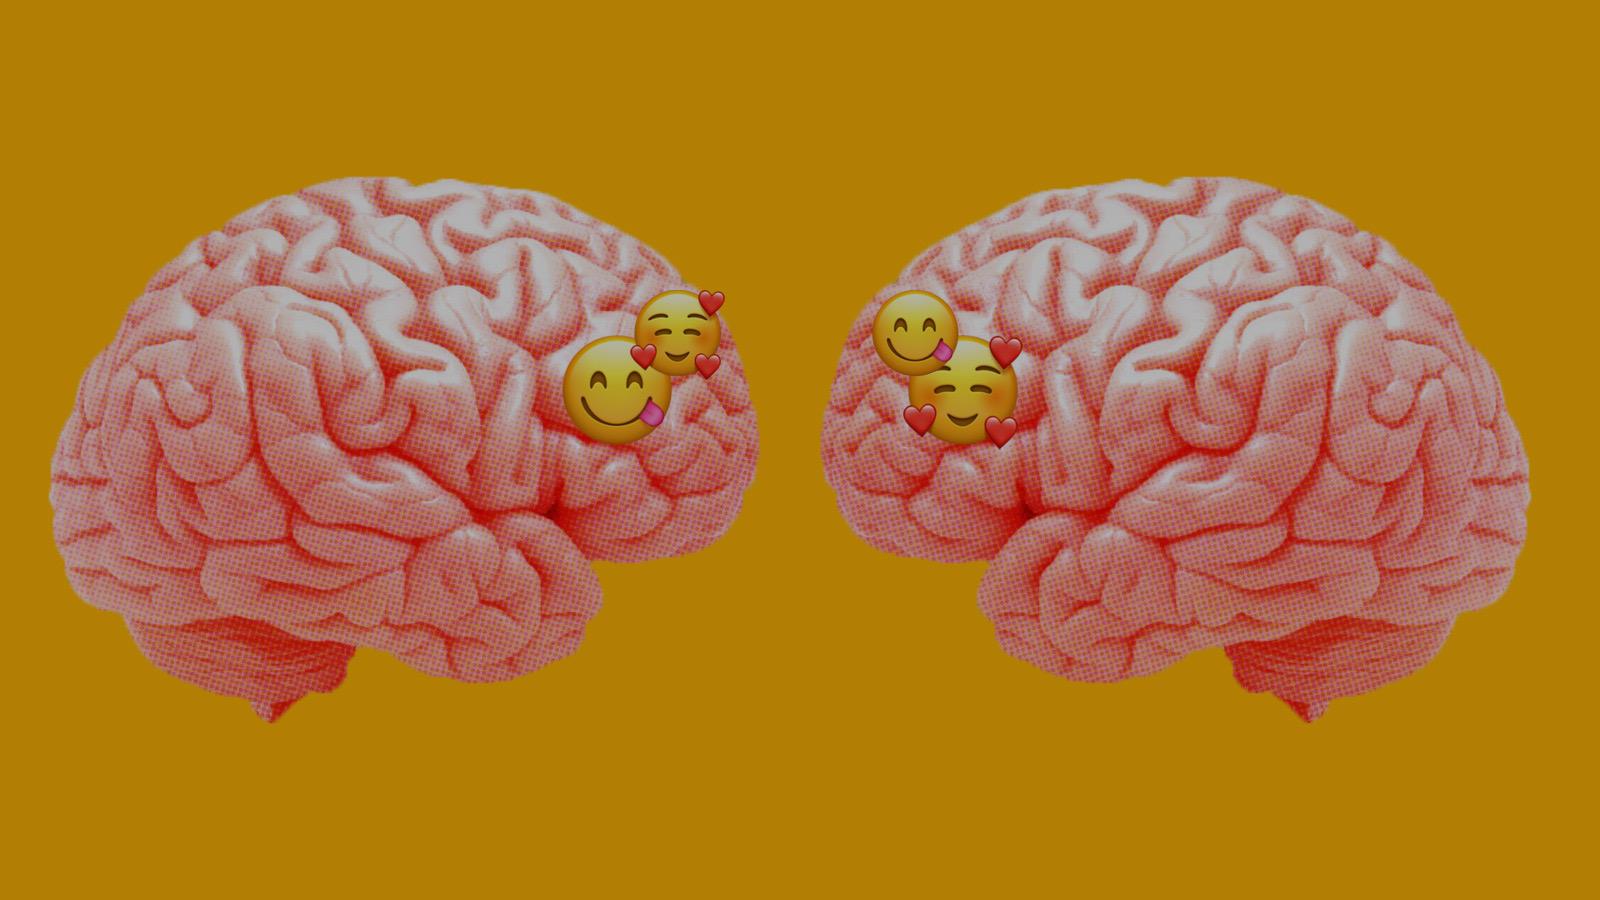 Peut-on être attiré·e par un cerveau ?